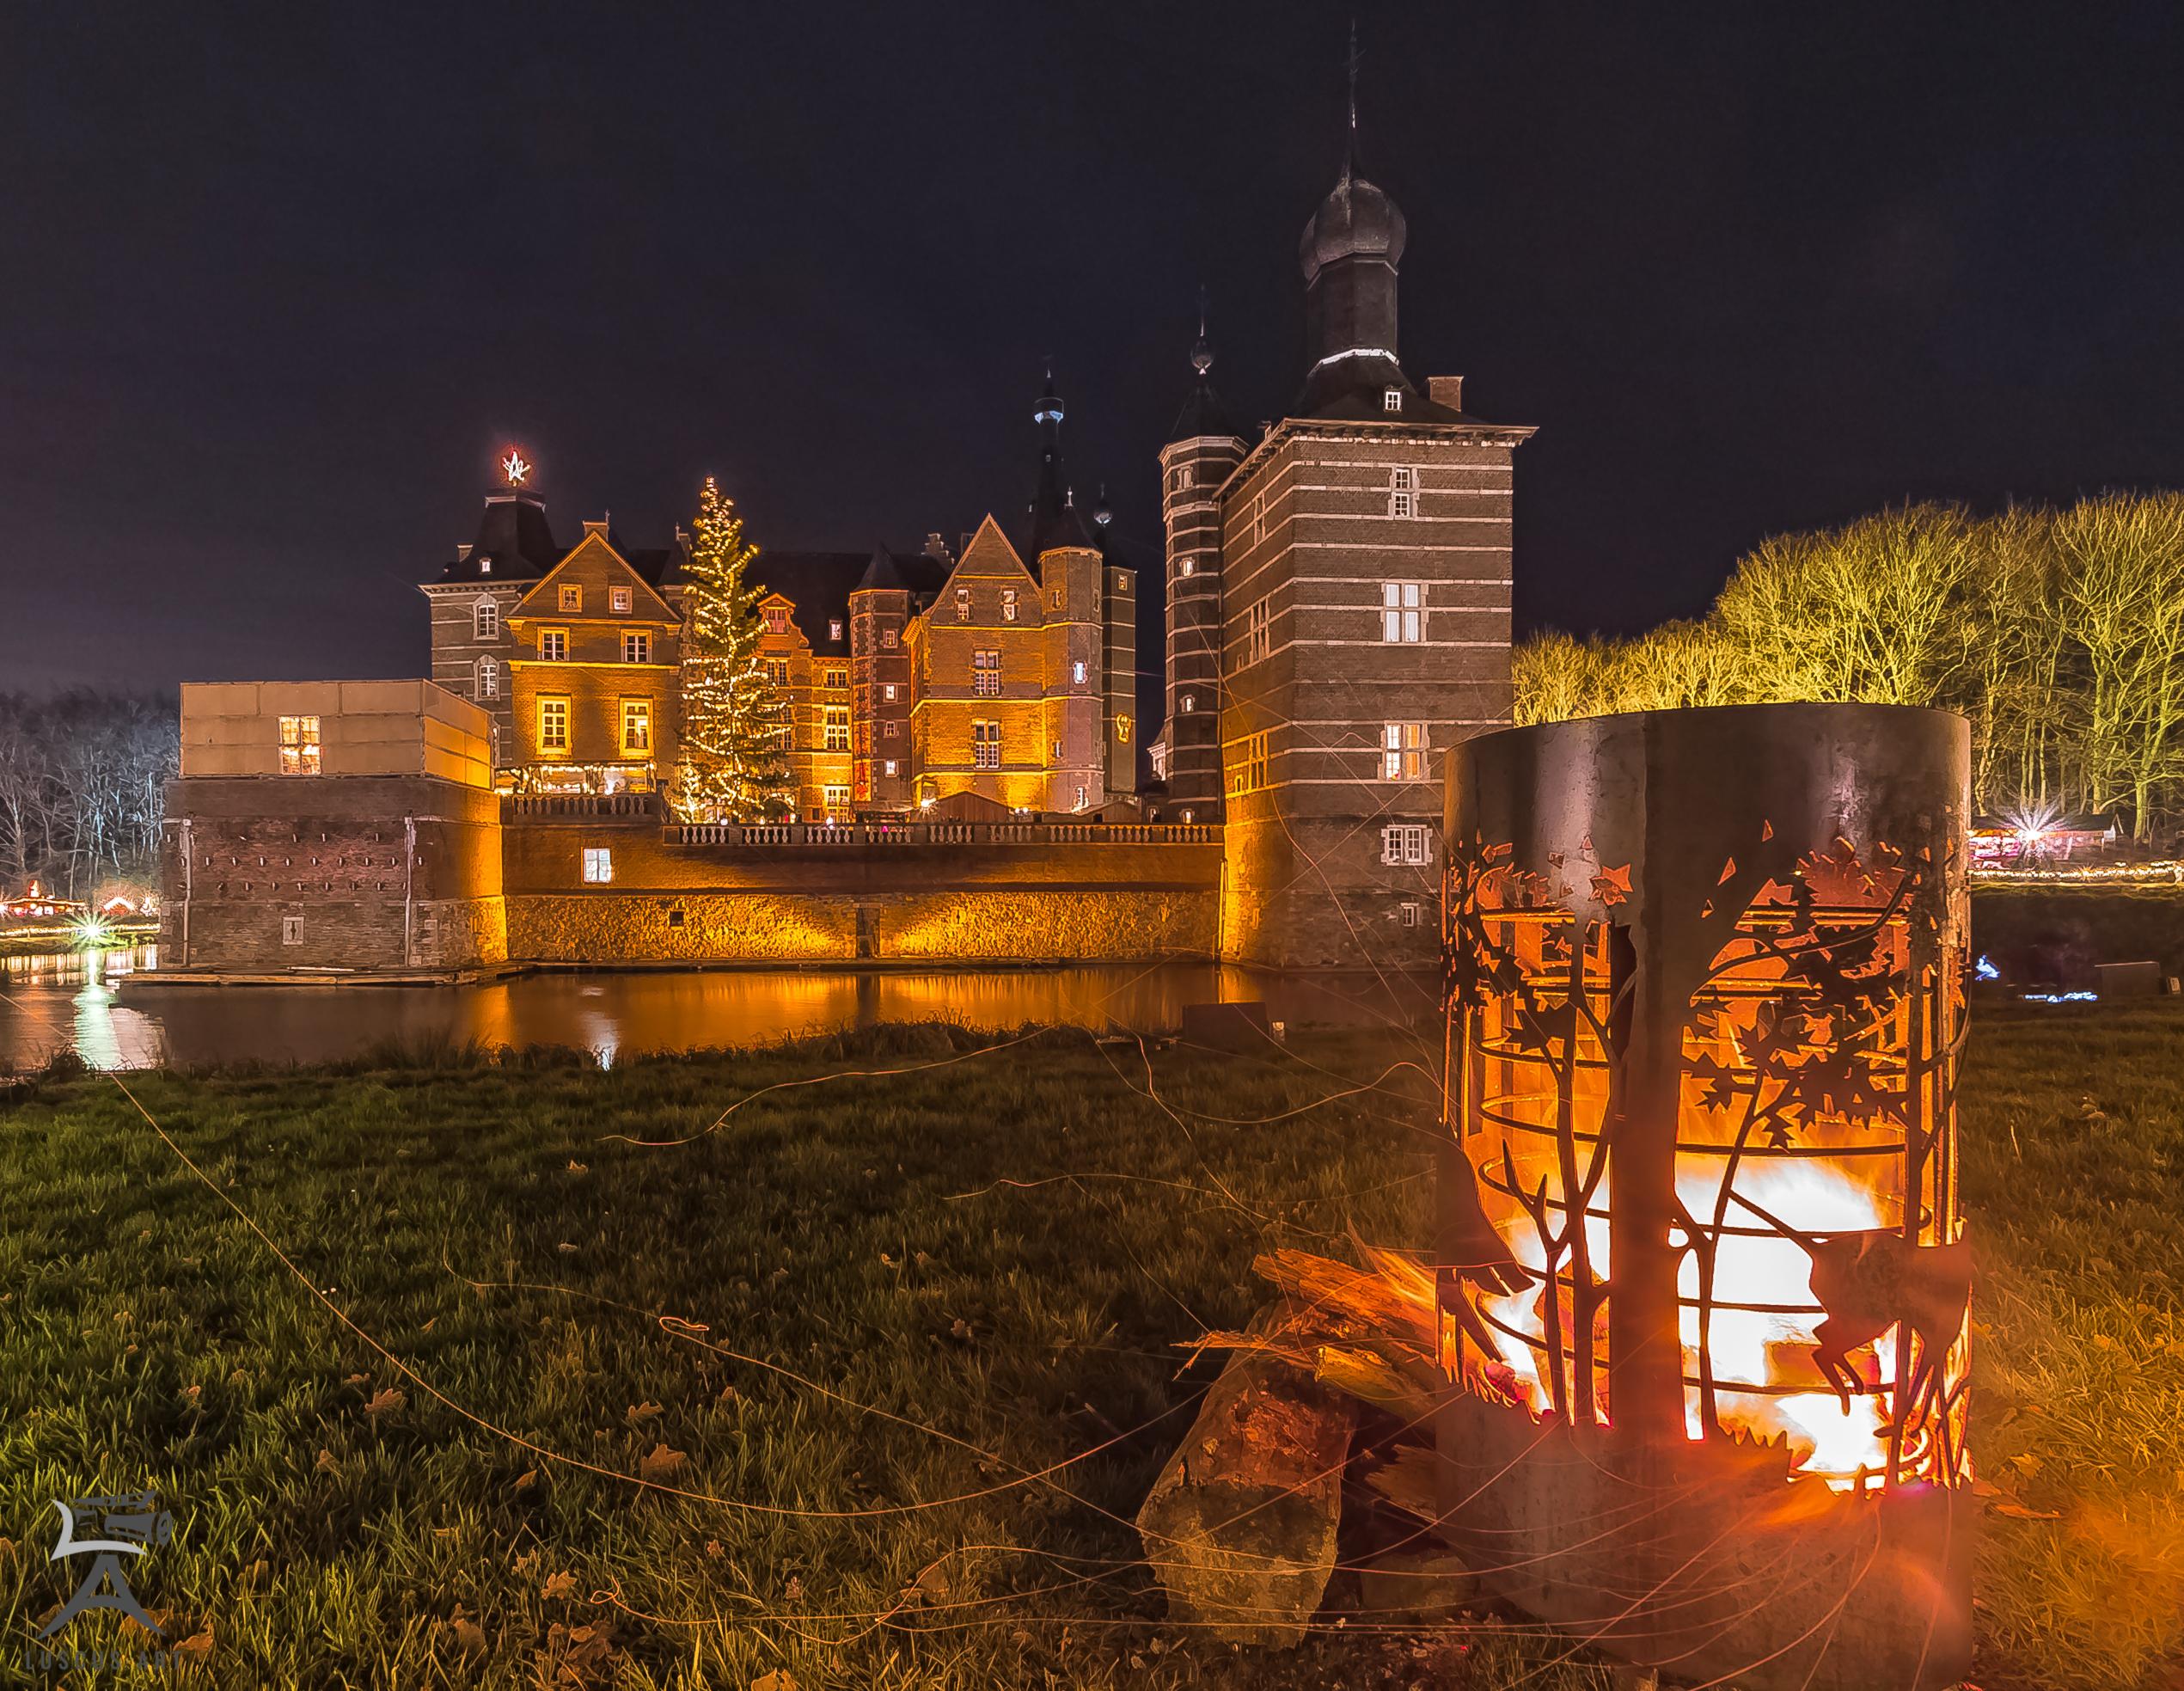 Romantischer Weihnachtsmarkt.Romantischer Weihnachtsmarkt Auf Schloss Merode Tradetalk Magazin